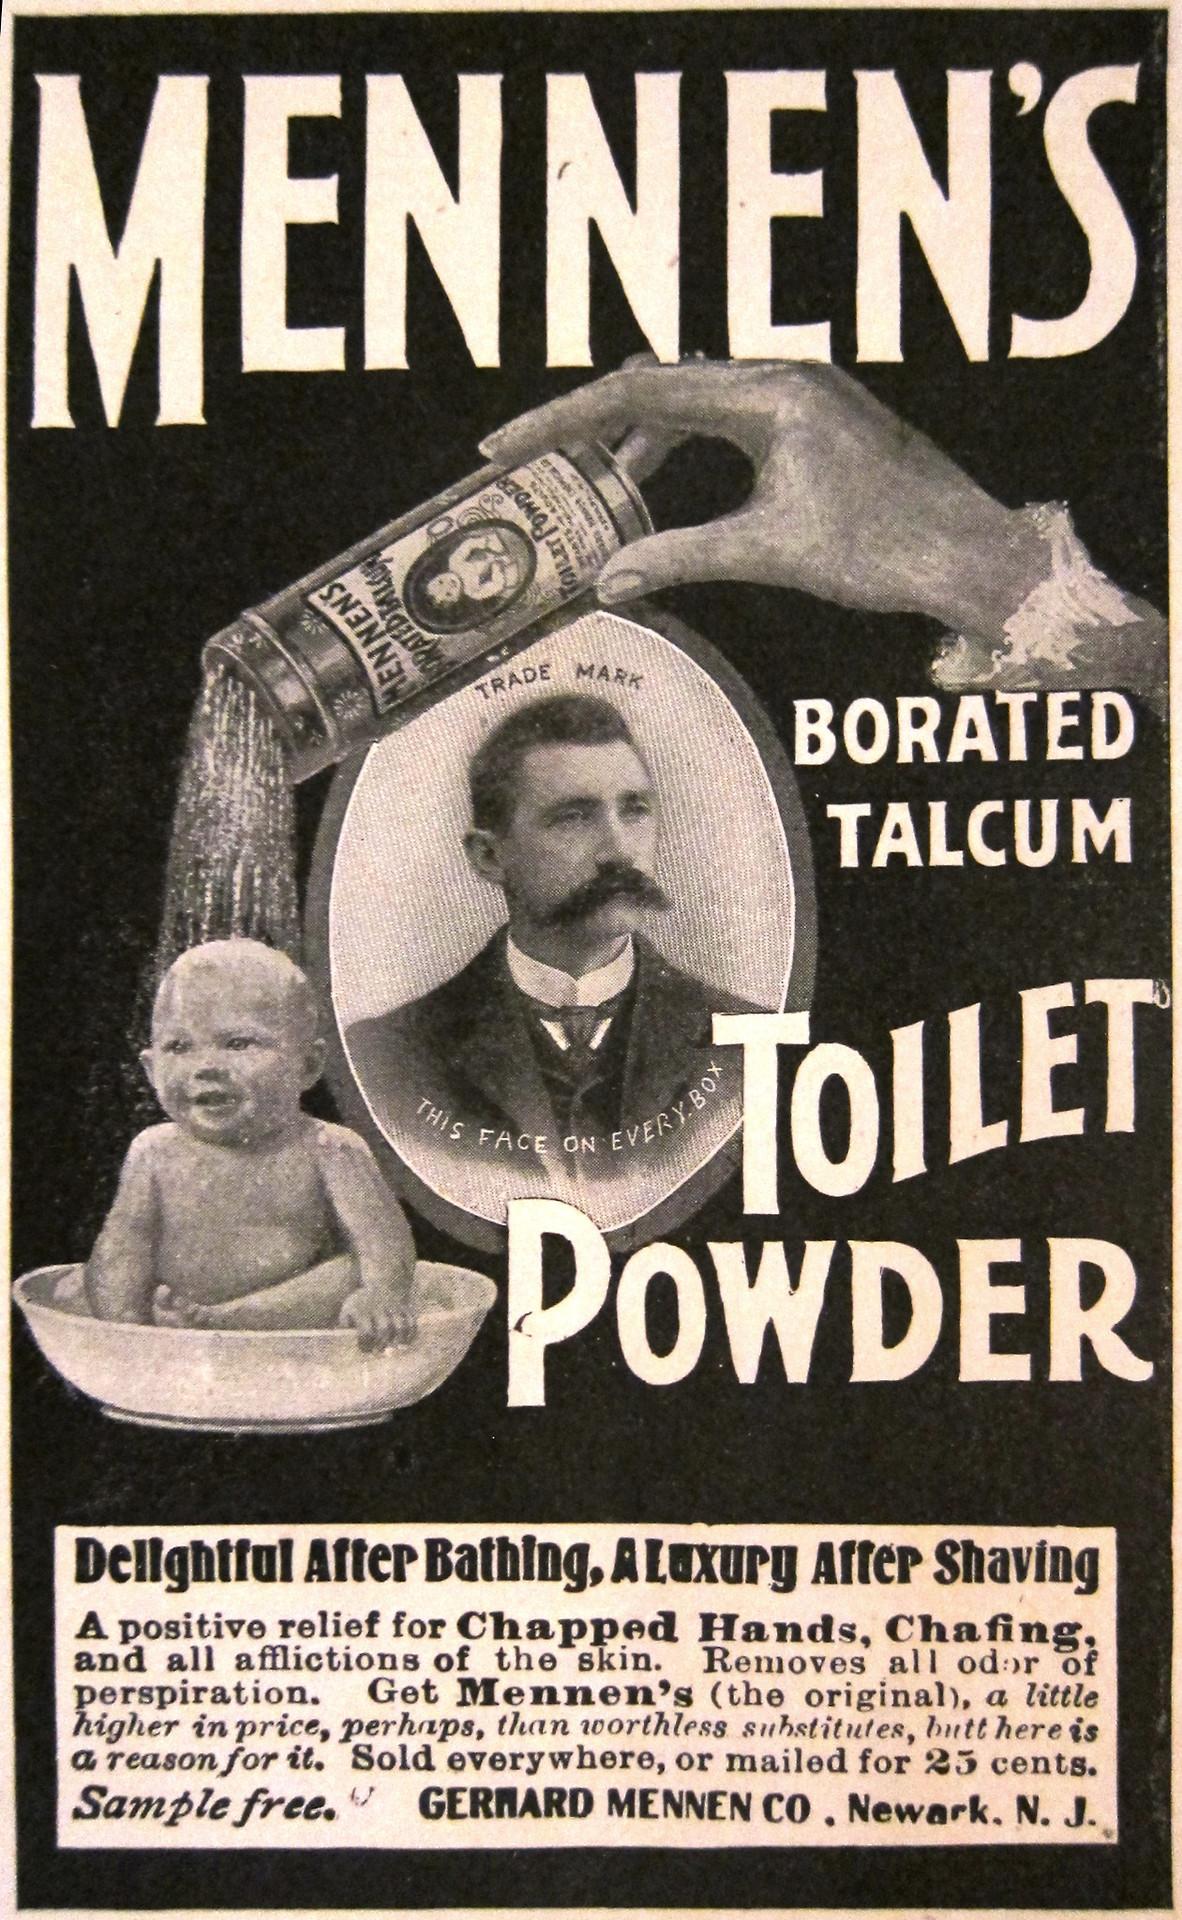 Mennen's Talcum ToiletPowder